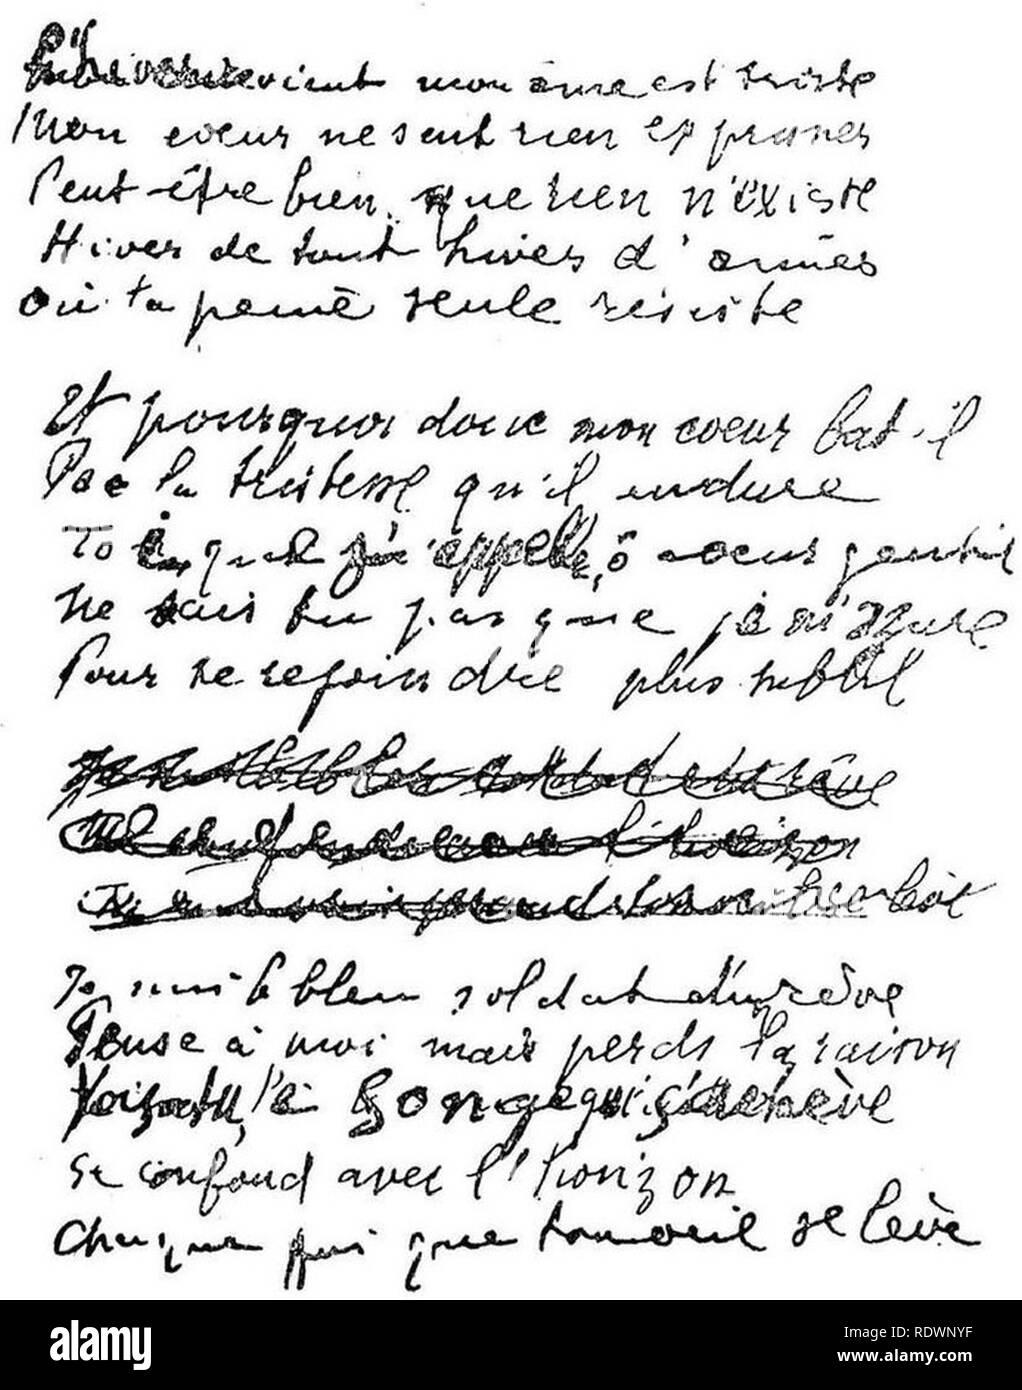 Apollinaire - Lettres à sa marraine, illust. 03. - Stock Image